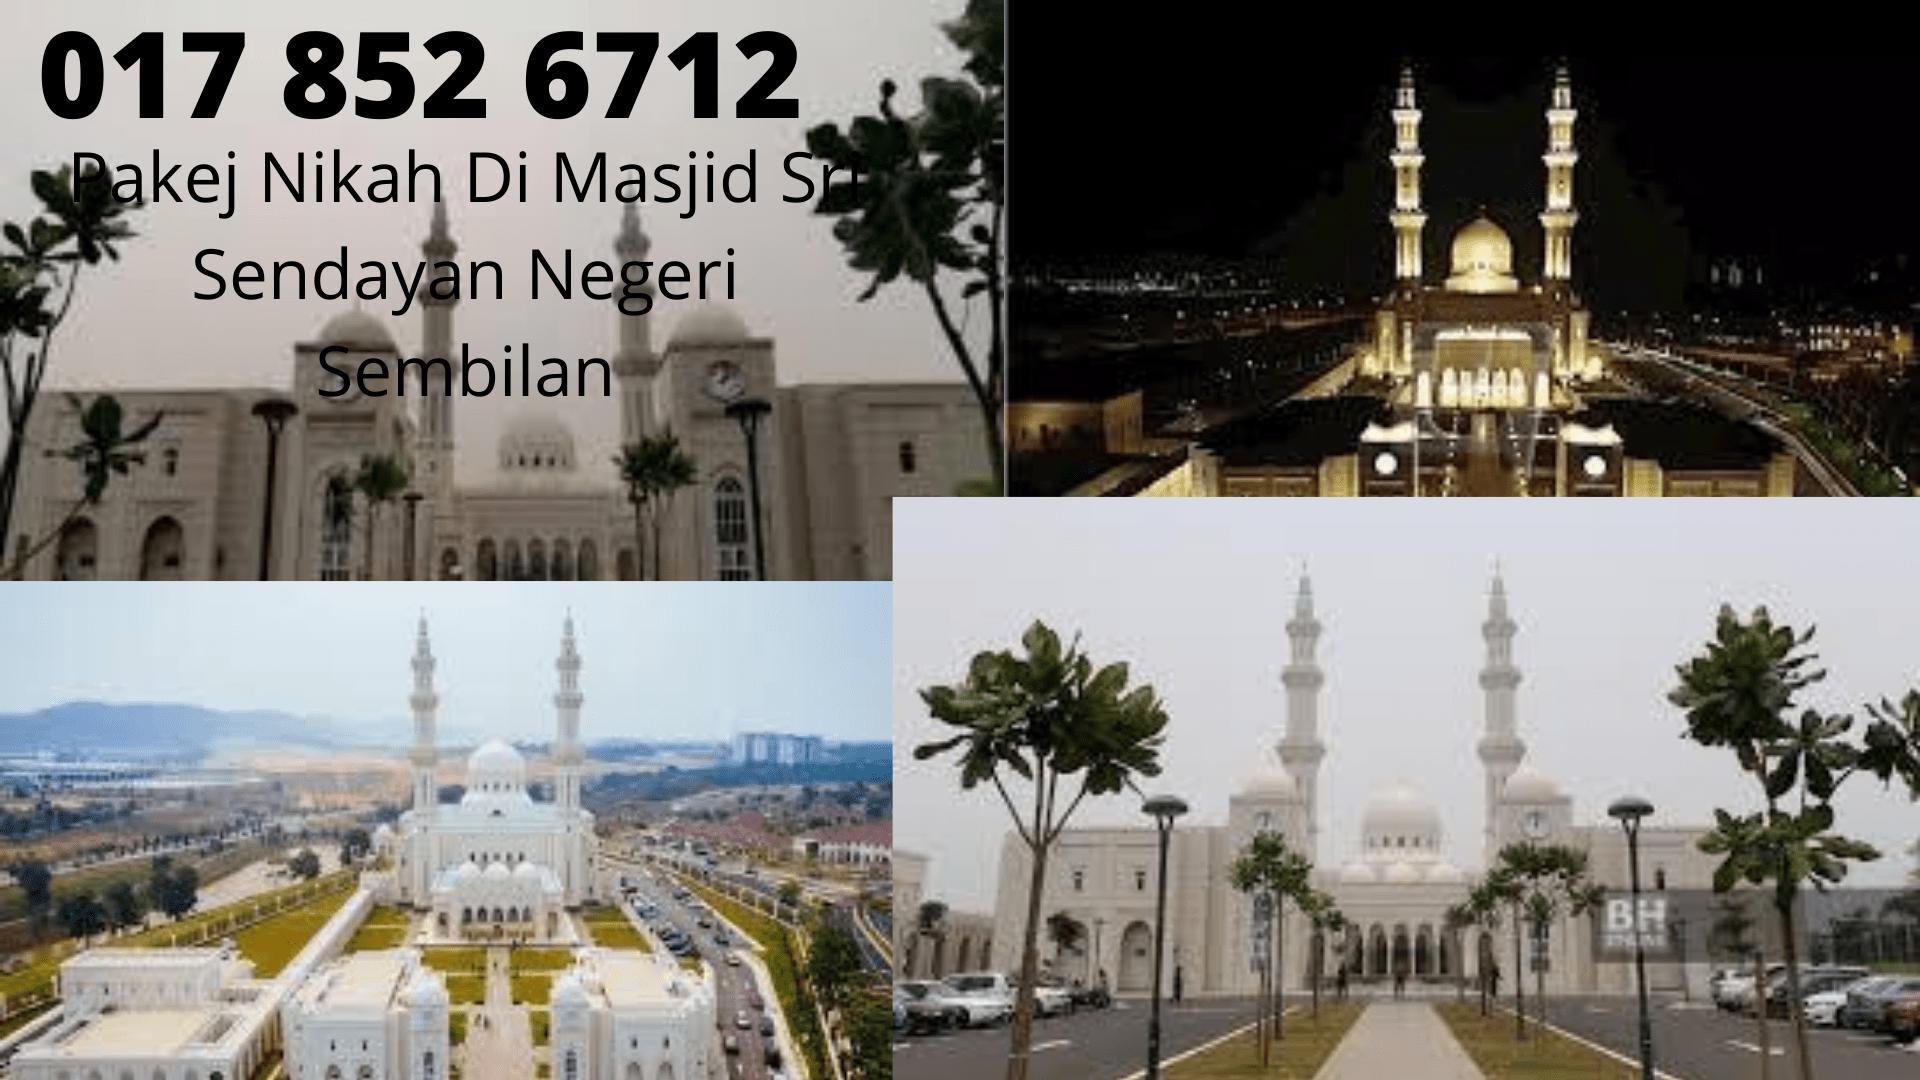 Pakej-Nikah-0178526712-Di-Masjid-Sri-Sendayan-Negeri-Sembilan